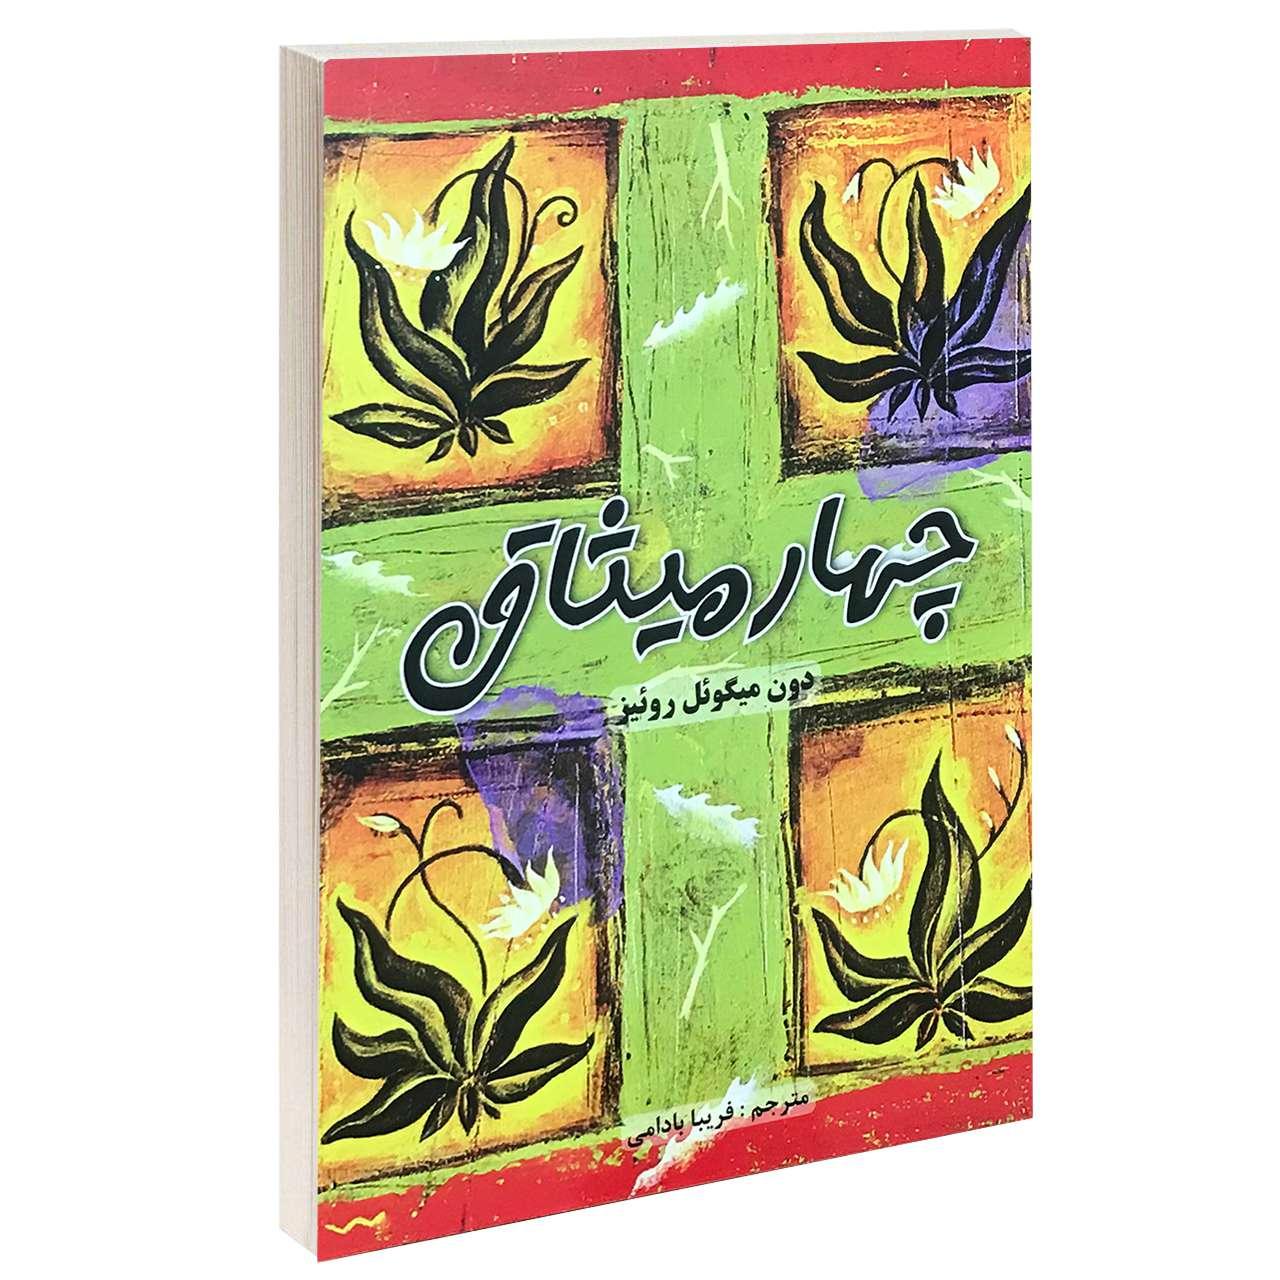 خرید                      کتاب چهار میثاق اثر دون میگوئل روئیز انتشارات پرثوآ